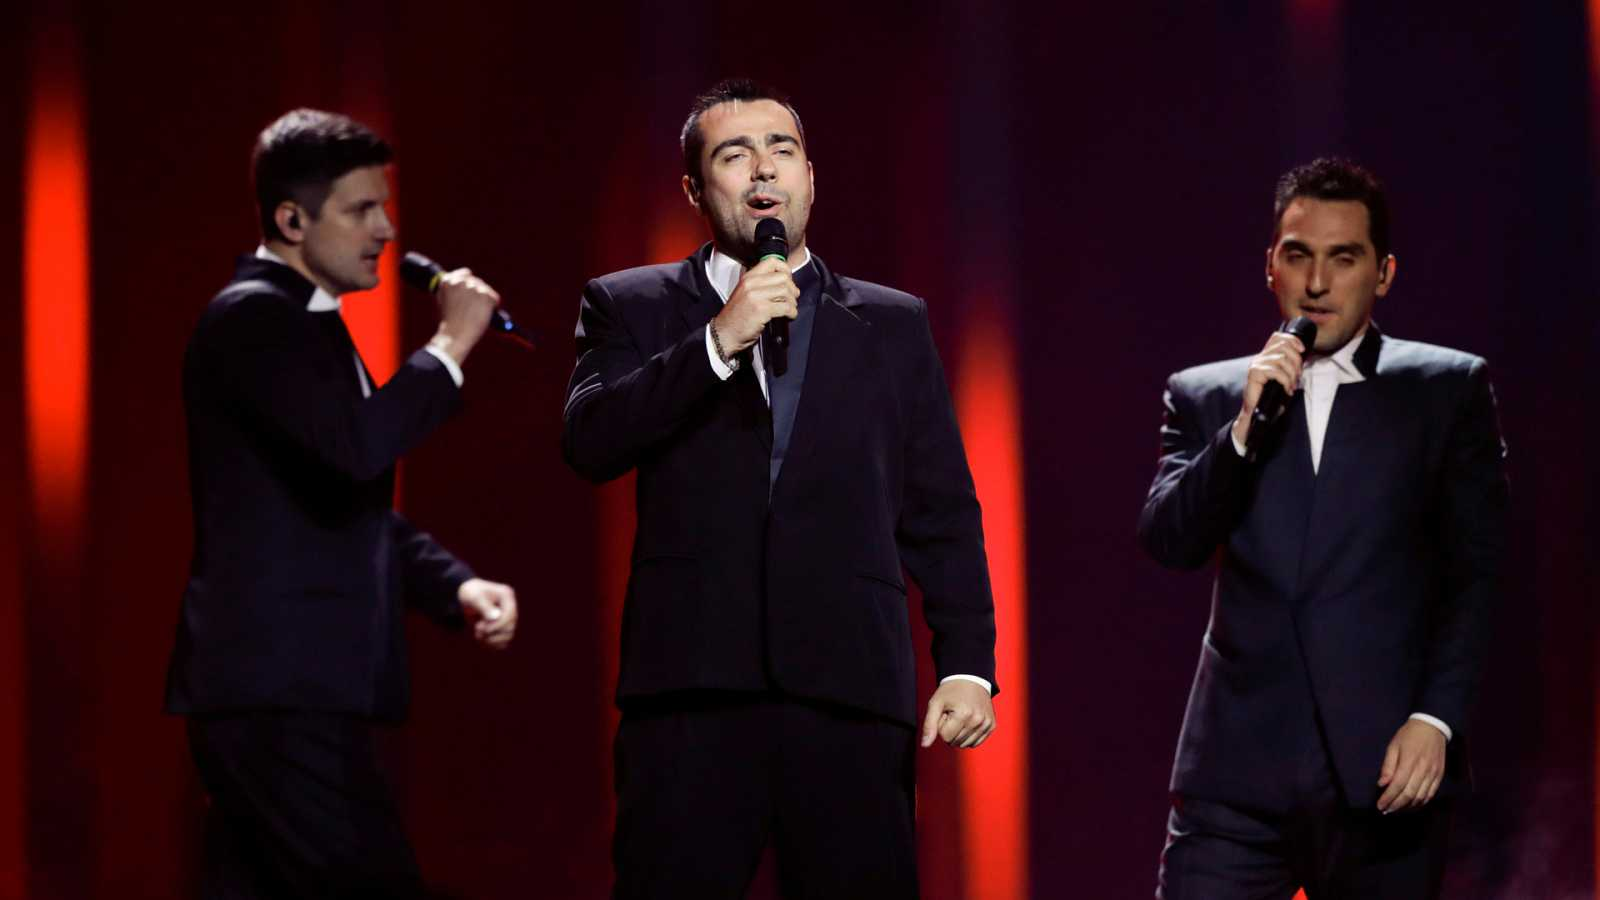 """Eurovisión - Georgia: Iriao canta """"For you"""" en la segunda semifinal de Eurovisión 2018"""